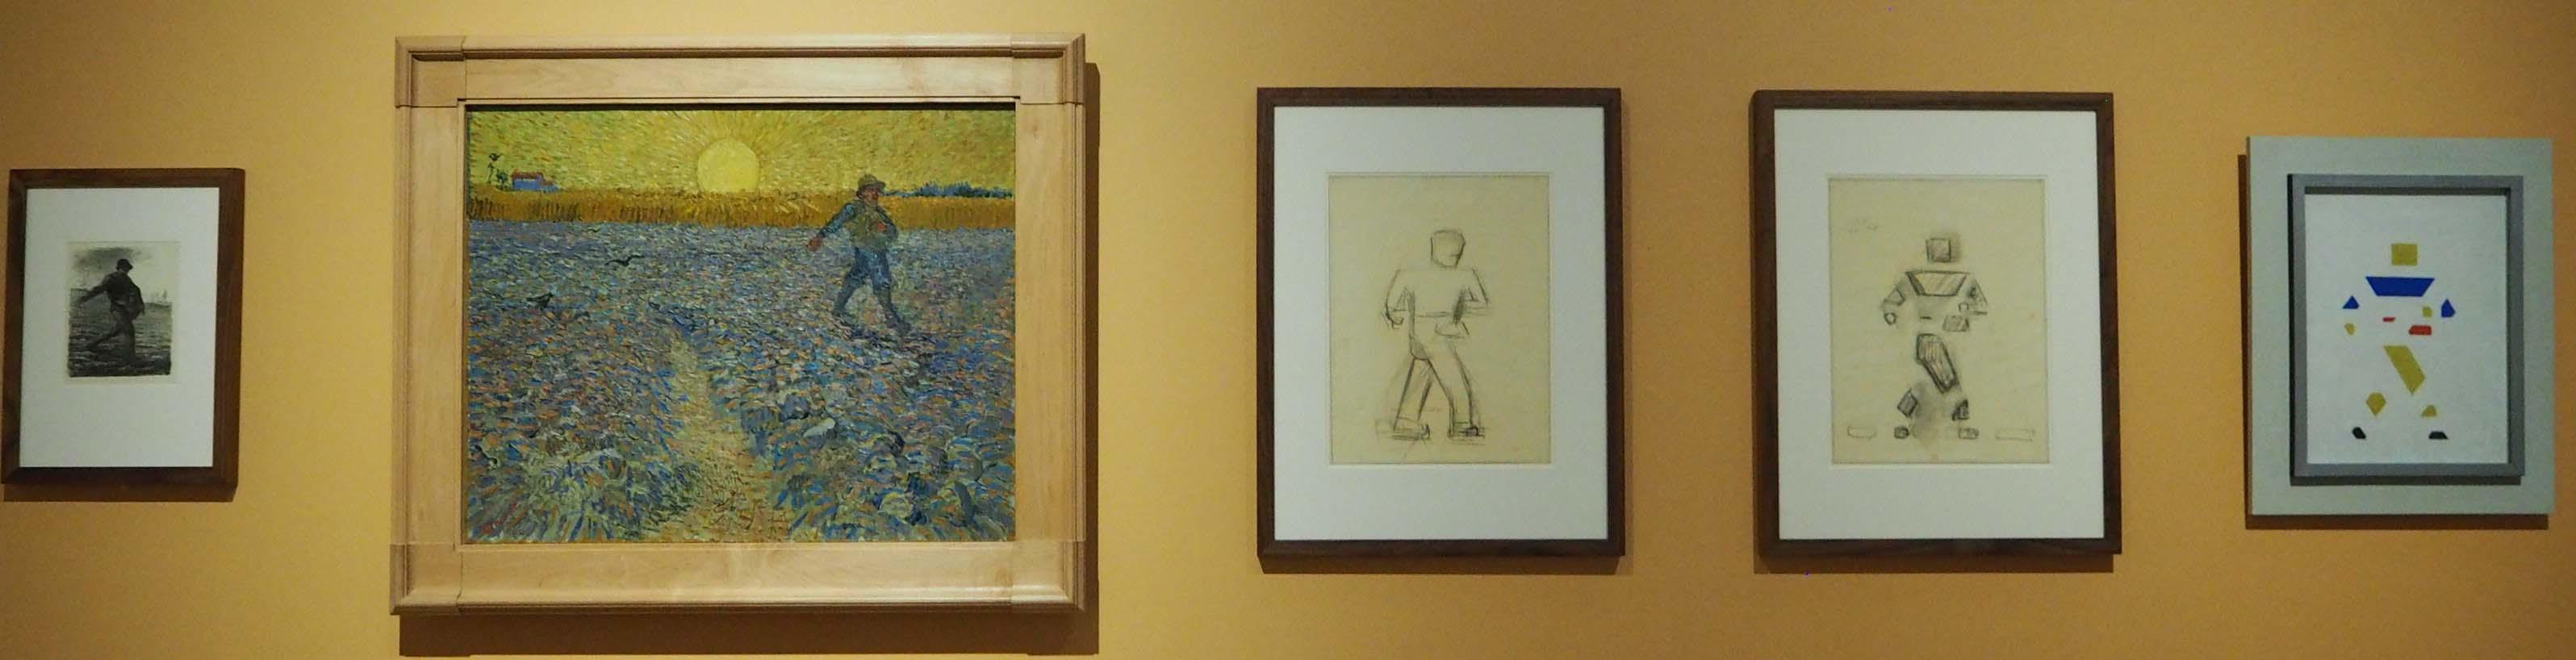 Vijf werken van de Zaaier - Millet, Van Gogh en drie maal Bart van der Leck © Wilma Lankhorst